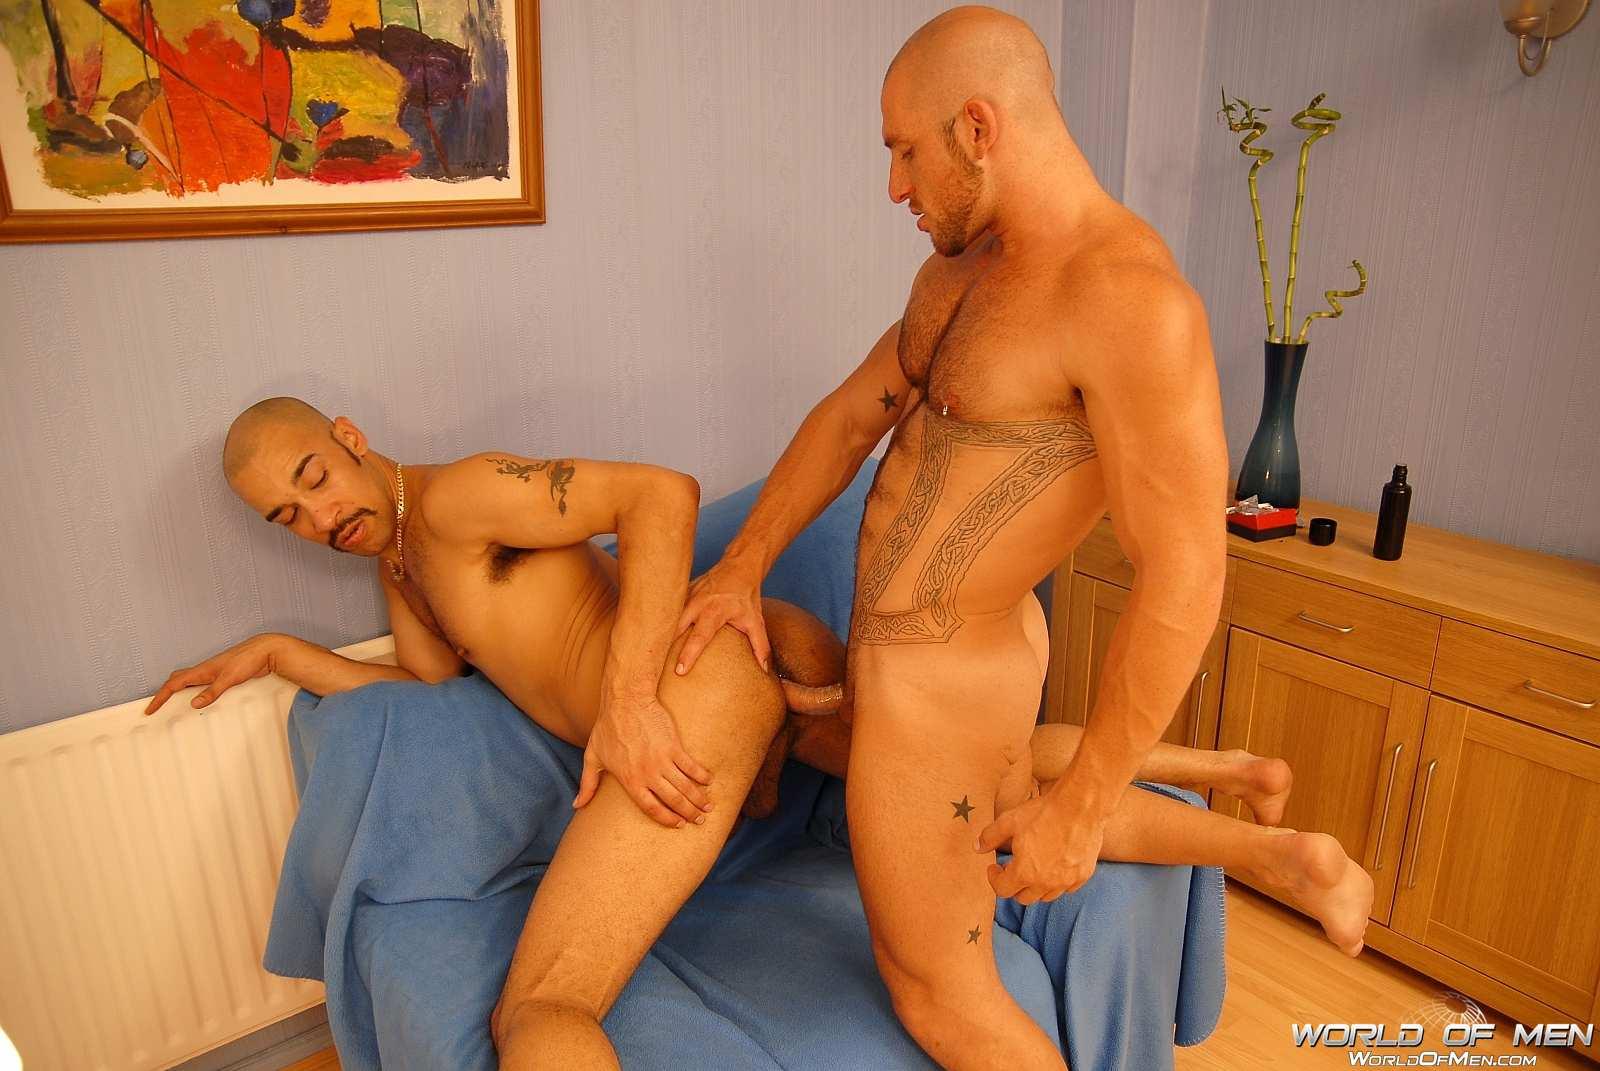 Aitor Crash Porno world of men - mario delazarius & aitor crash - free gay porn